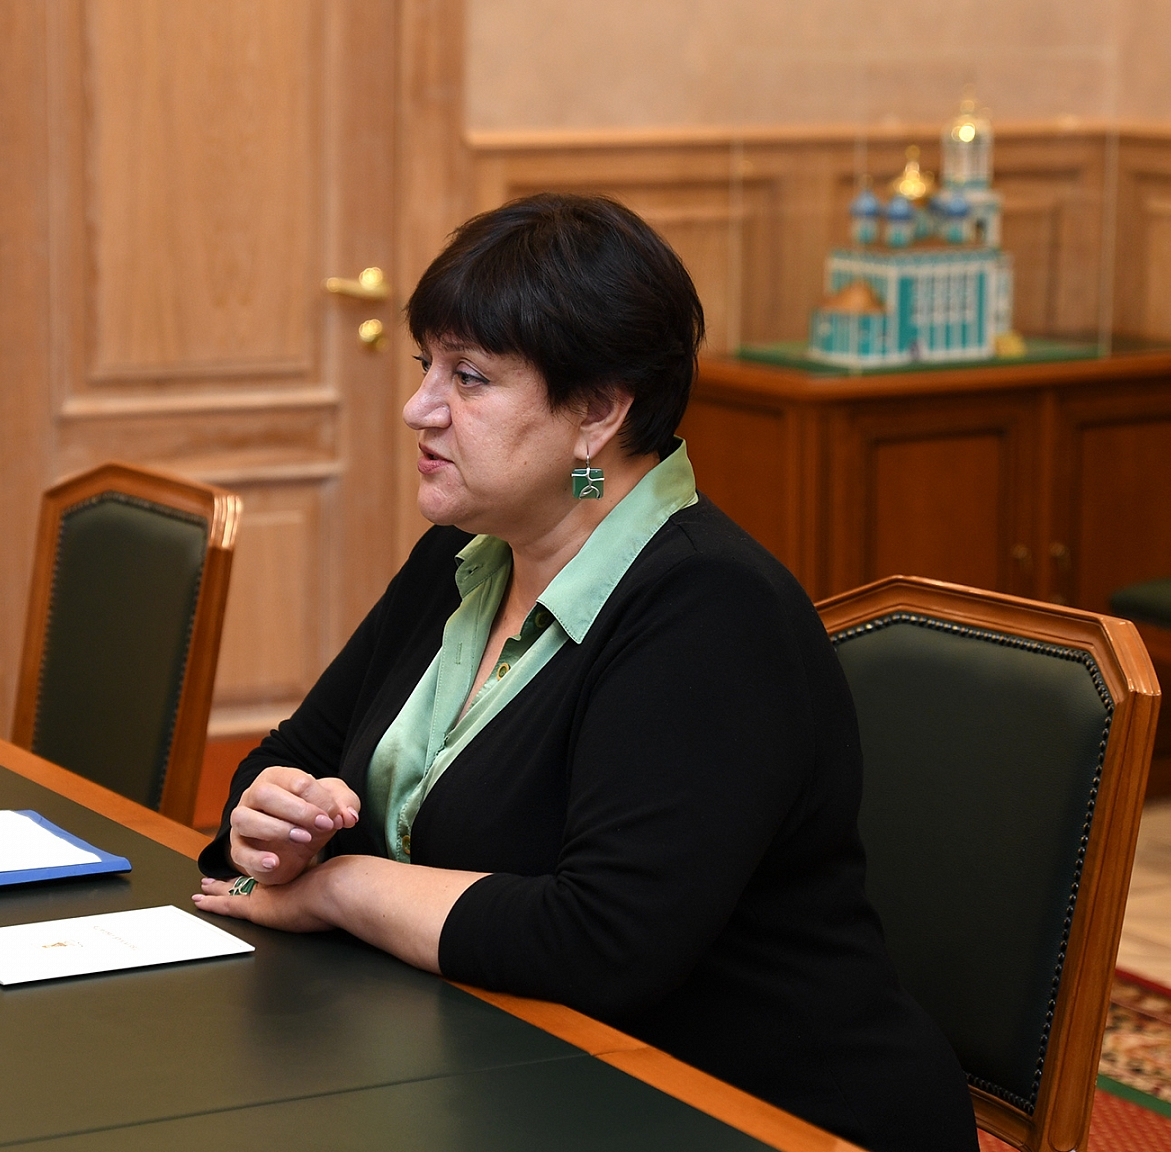 Наталья Виноградова: Это будет полное погружение в историю